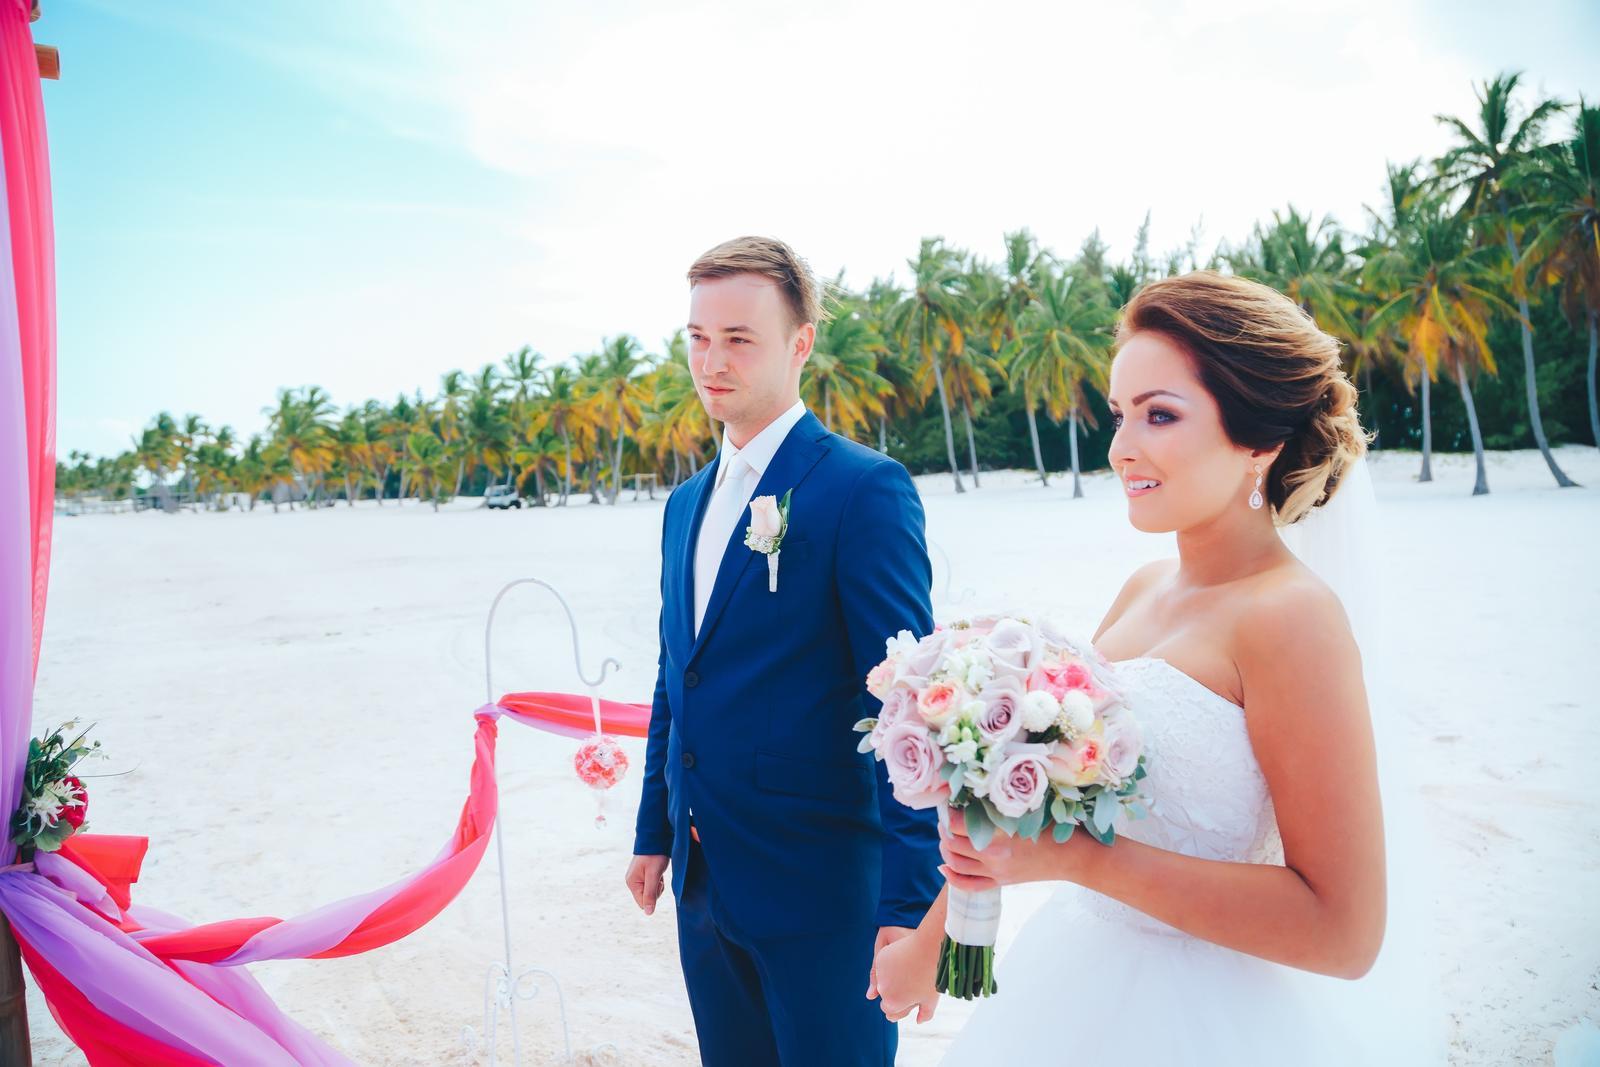 Tak a abych nezapomněla, zde je naše svatební video... :-)  https://www.youtube.com/watch?v=7YfsImtAAGY&t=7s - Obrázek č. 1